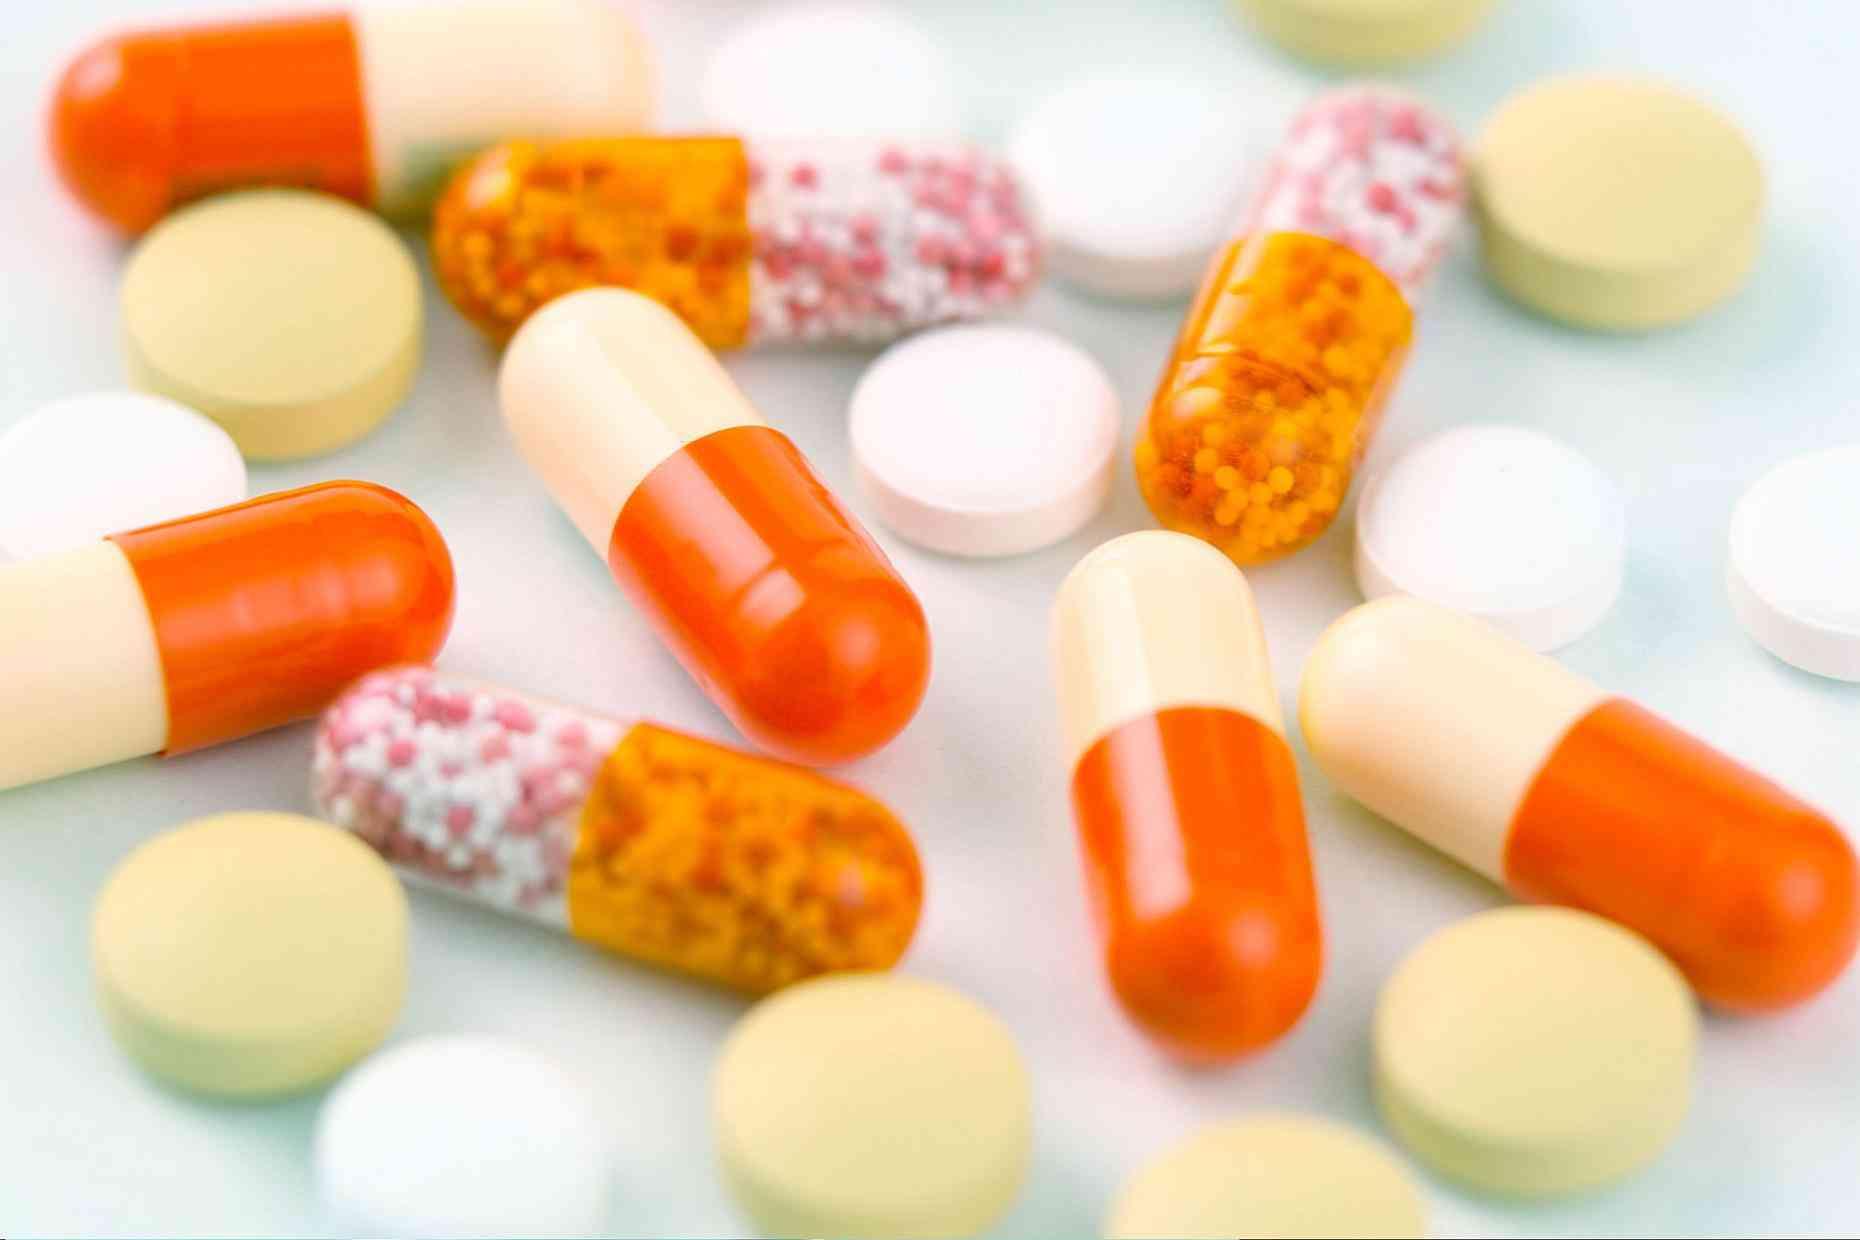 薬の常用に抵抗感はありますか?